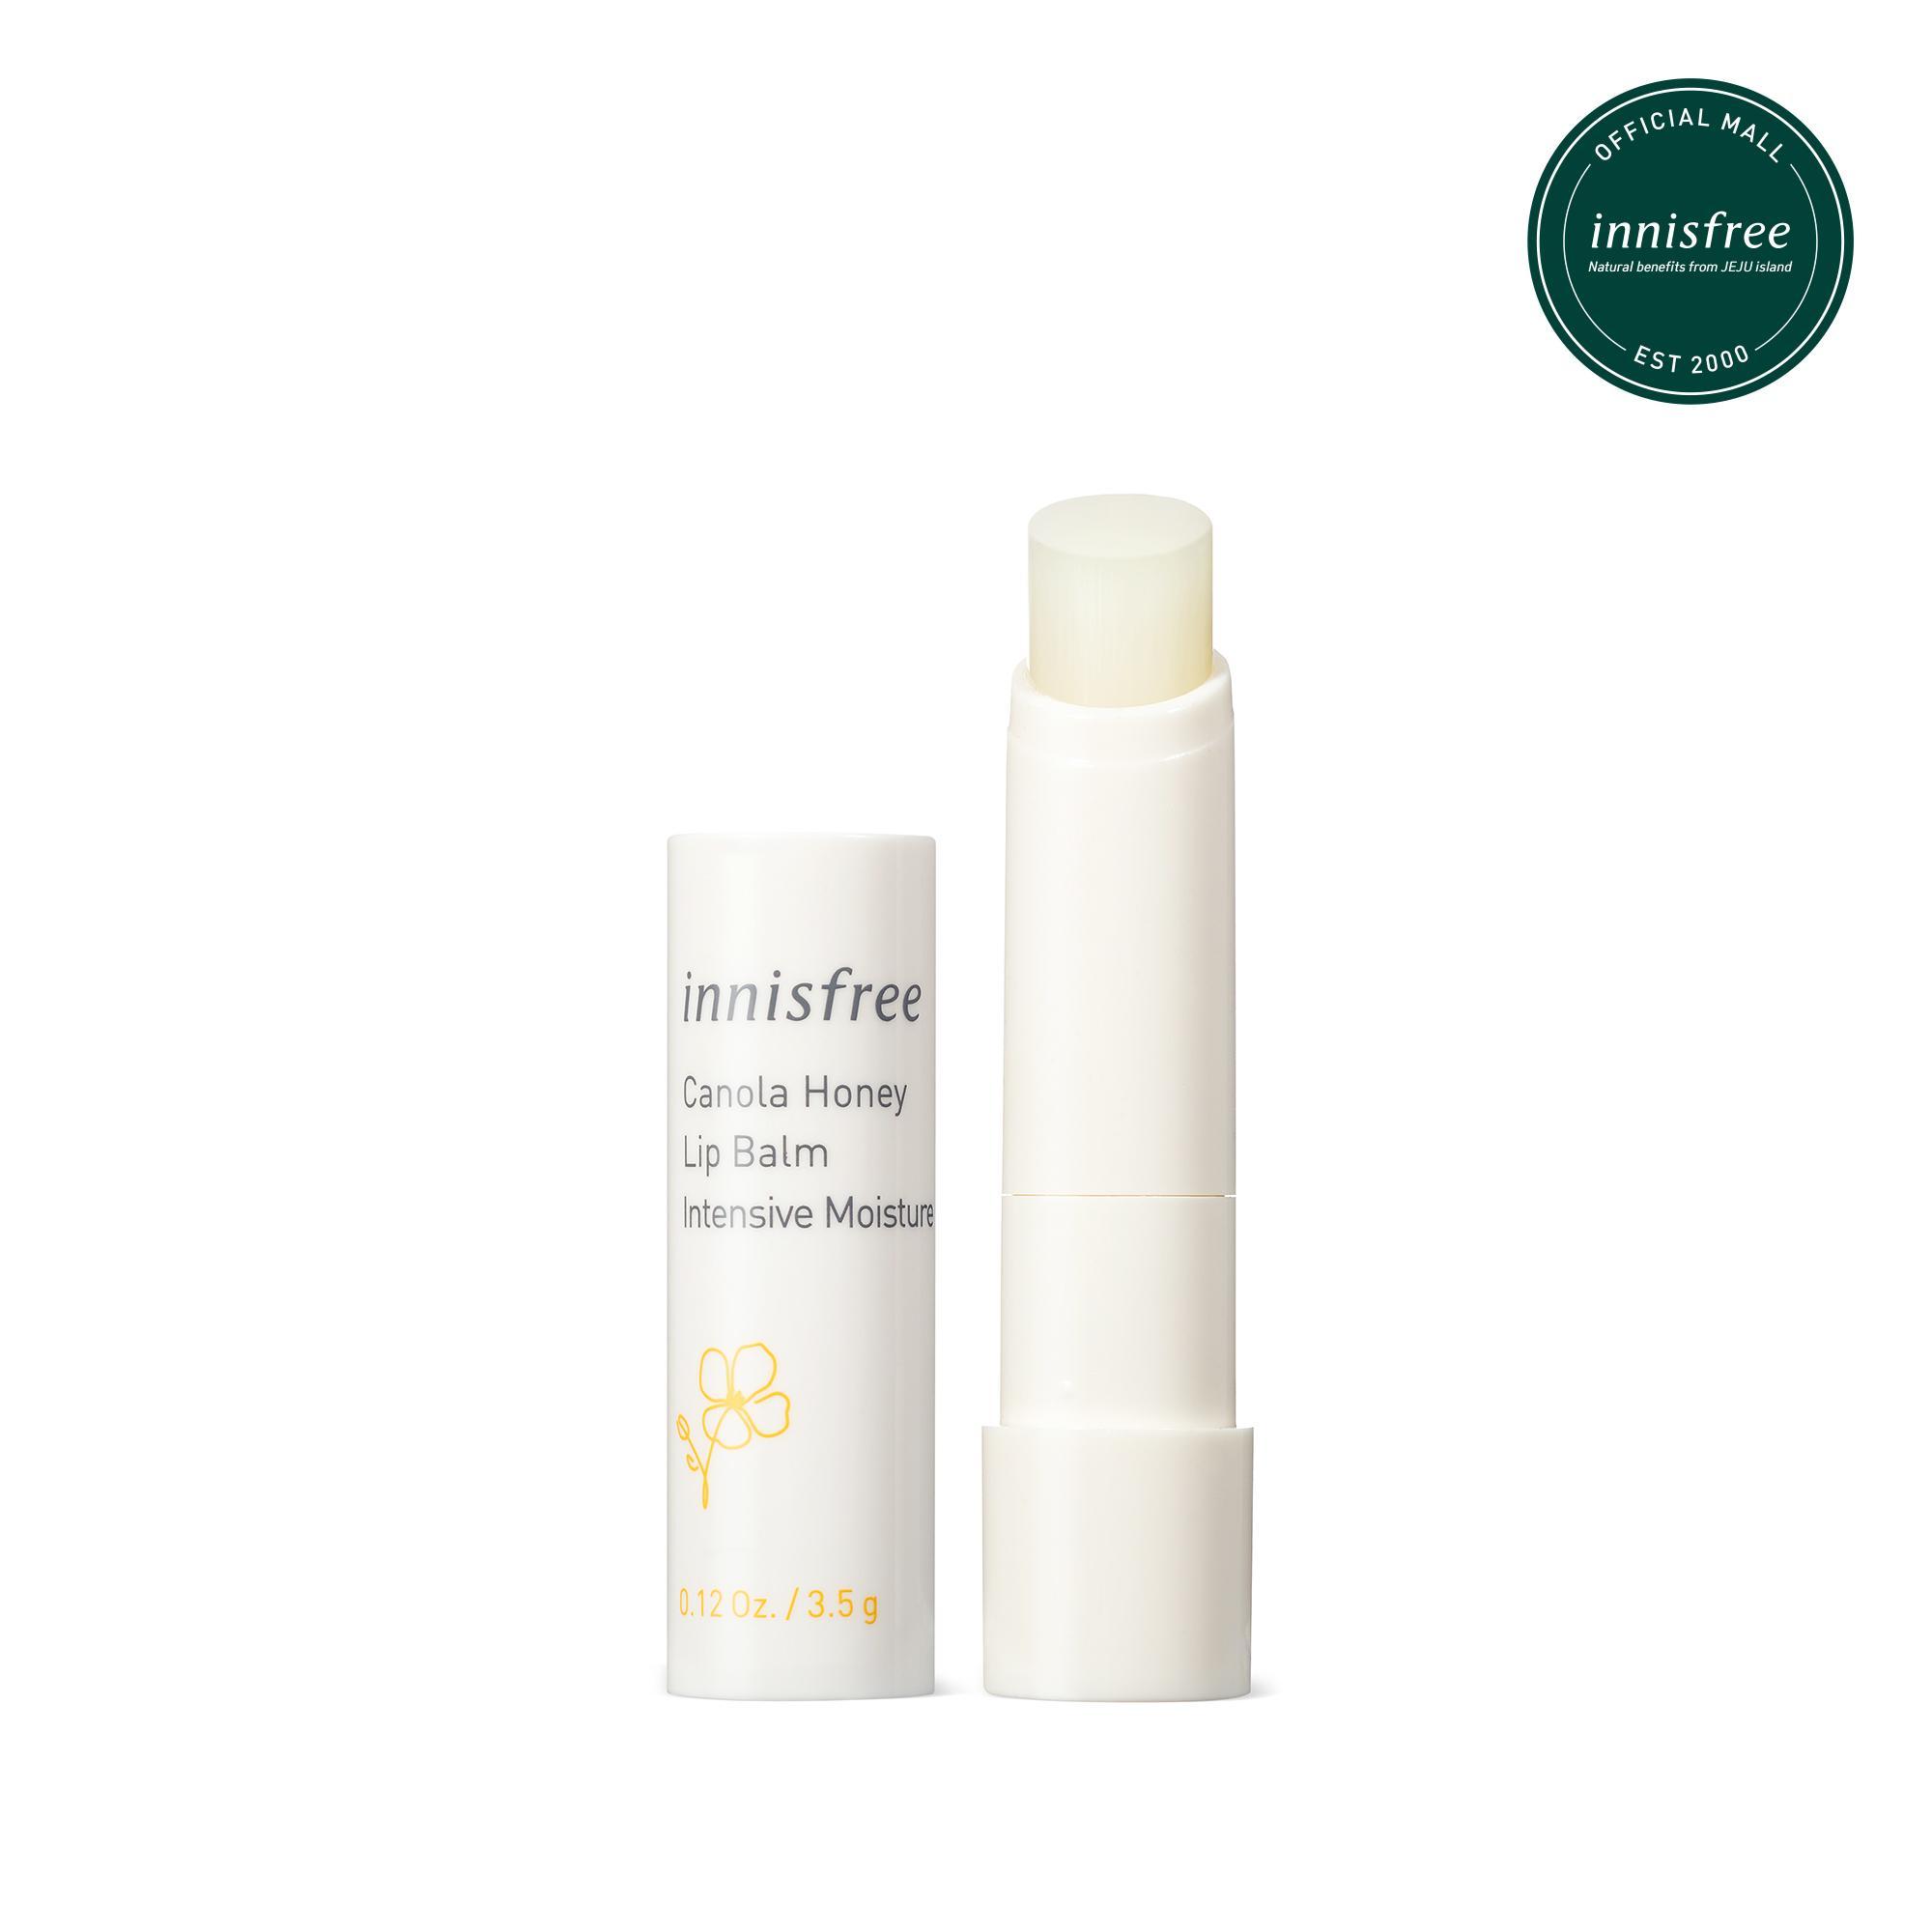 Son dưỡng môi không màu innisfree Canola Honey Lip Balm Deep Moisture 3.5g cao cấp